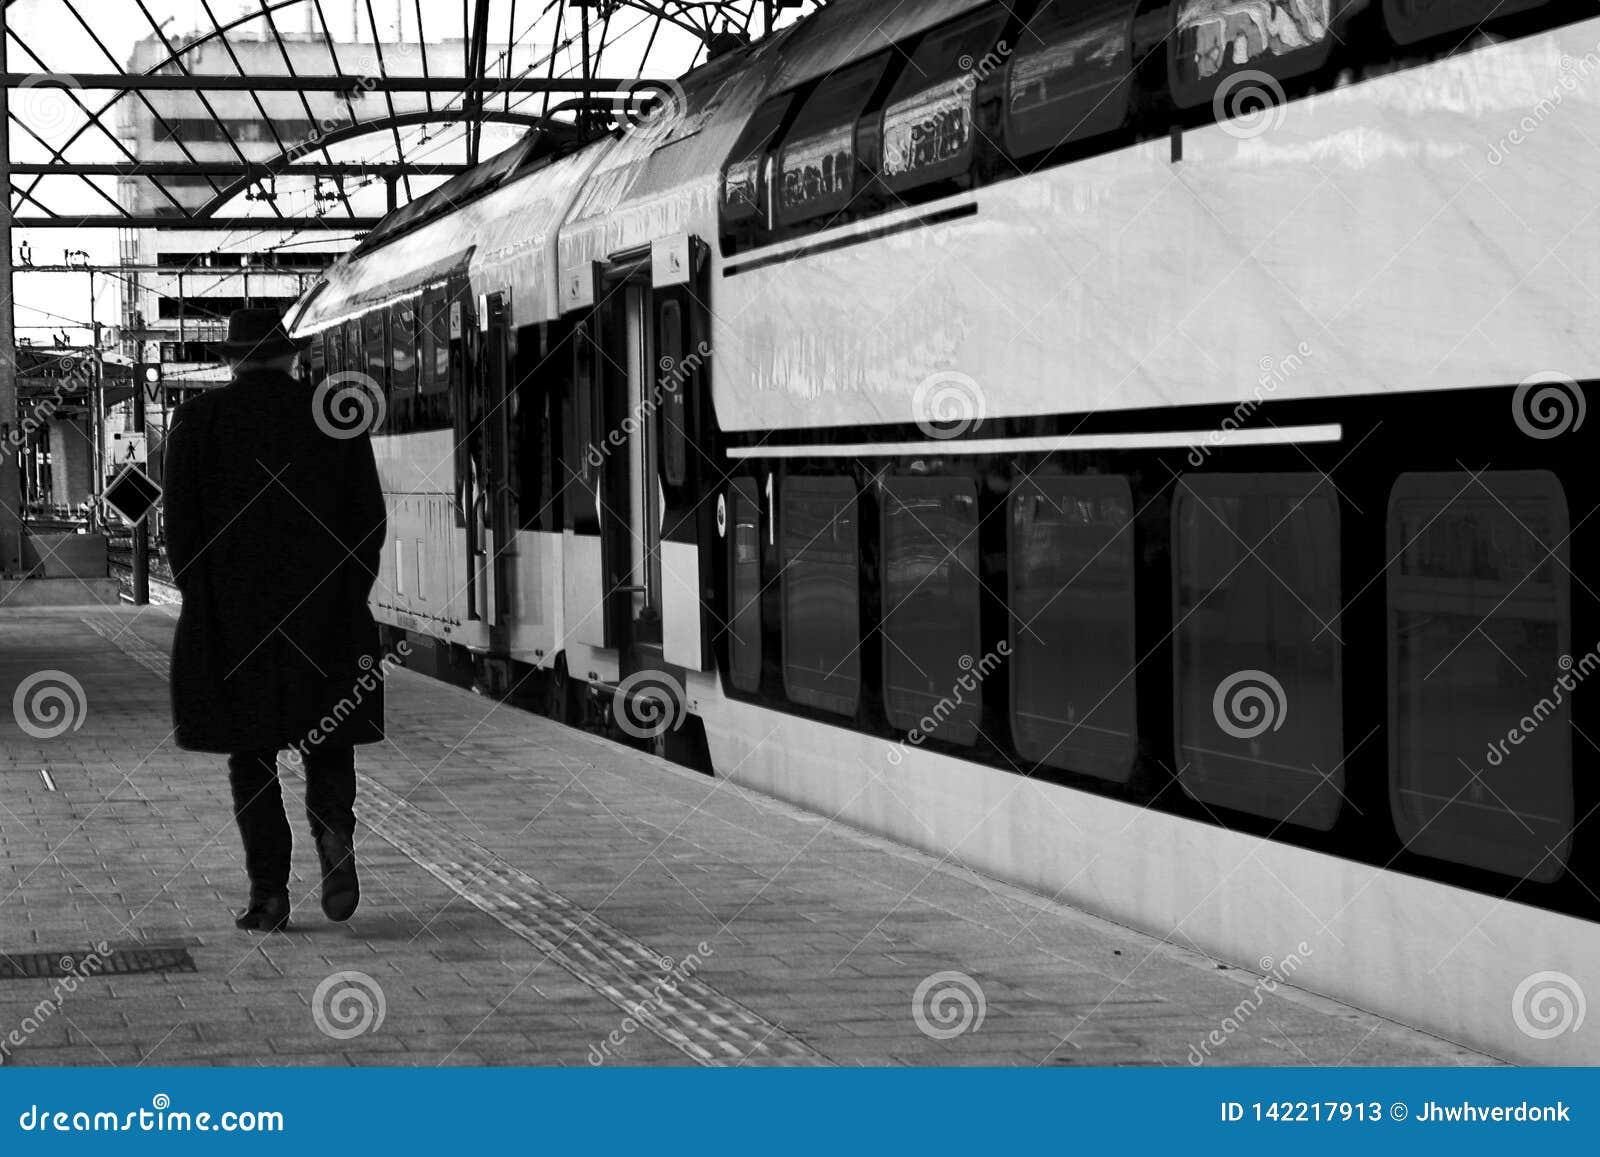 Alter Mann, der entlang einen Zug einer leeren Plattform geht, die reist oder Lebewohl zu jemand sagte - BW